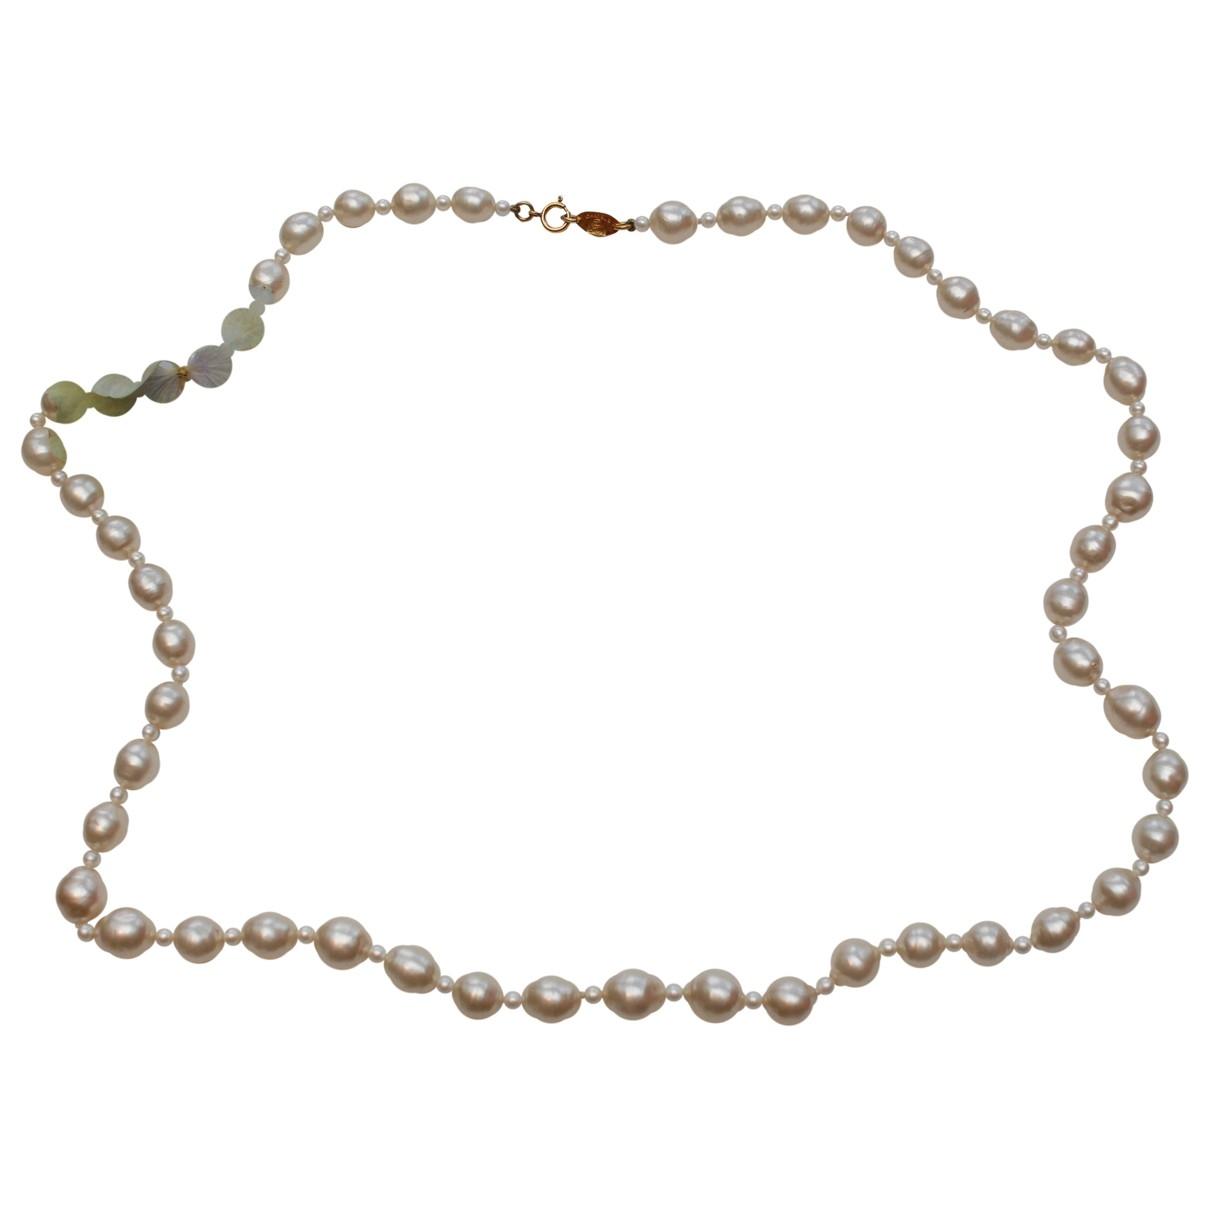 Collar largo de Perlas Chanel